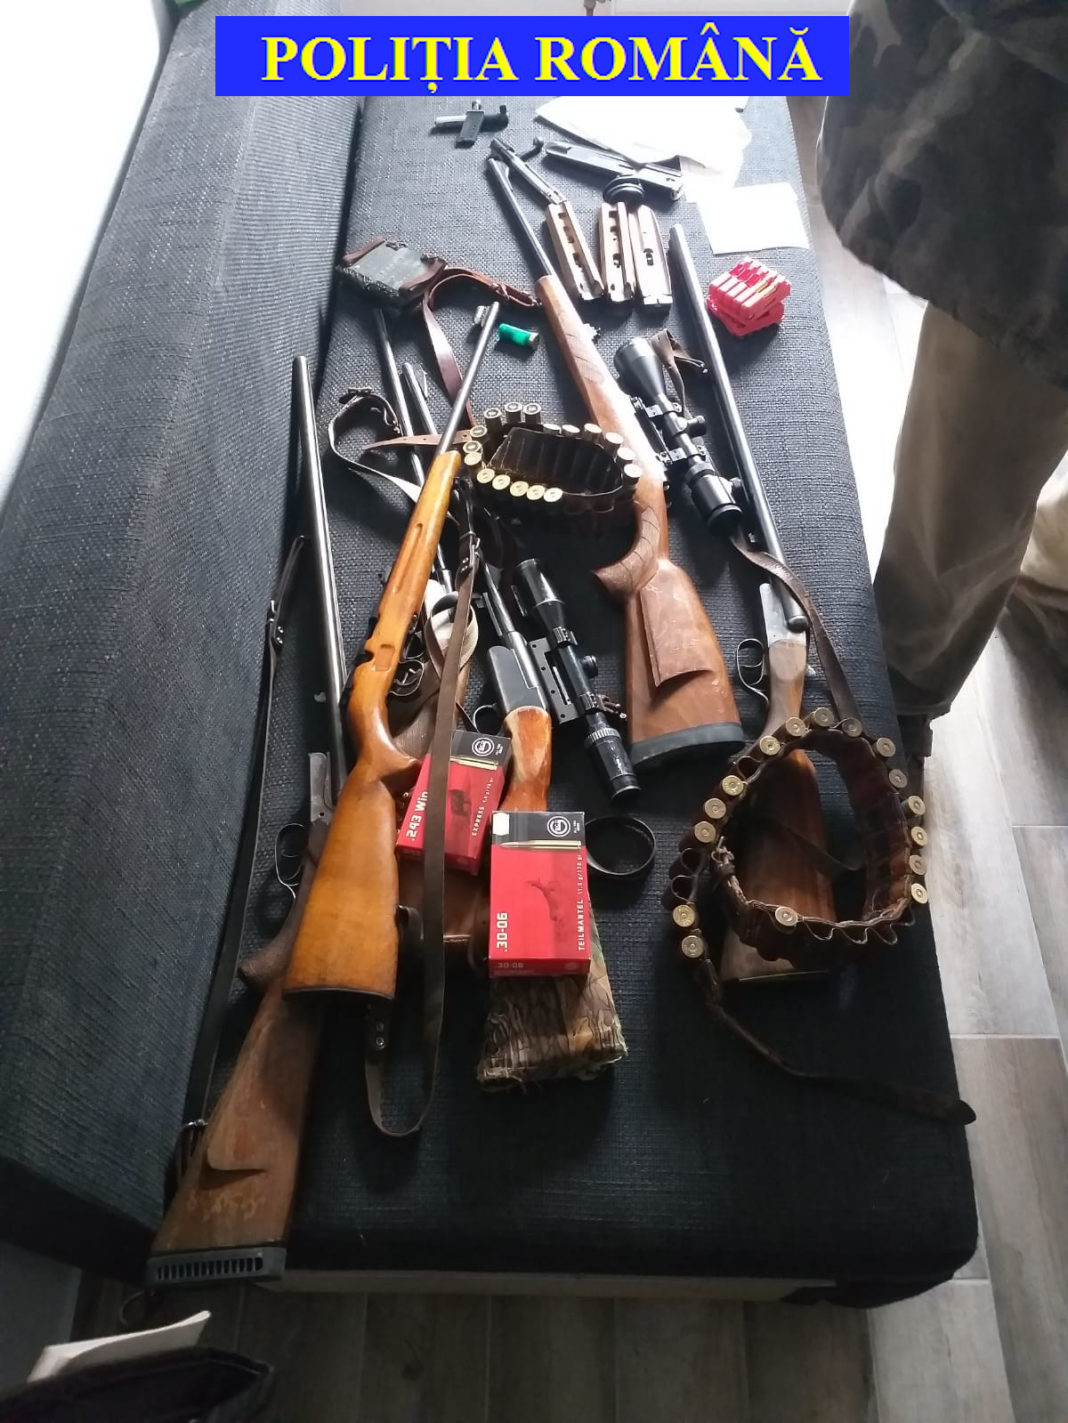 Controale la deţinătorii legali de arme şi muniţii letale şi neletale